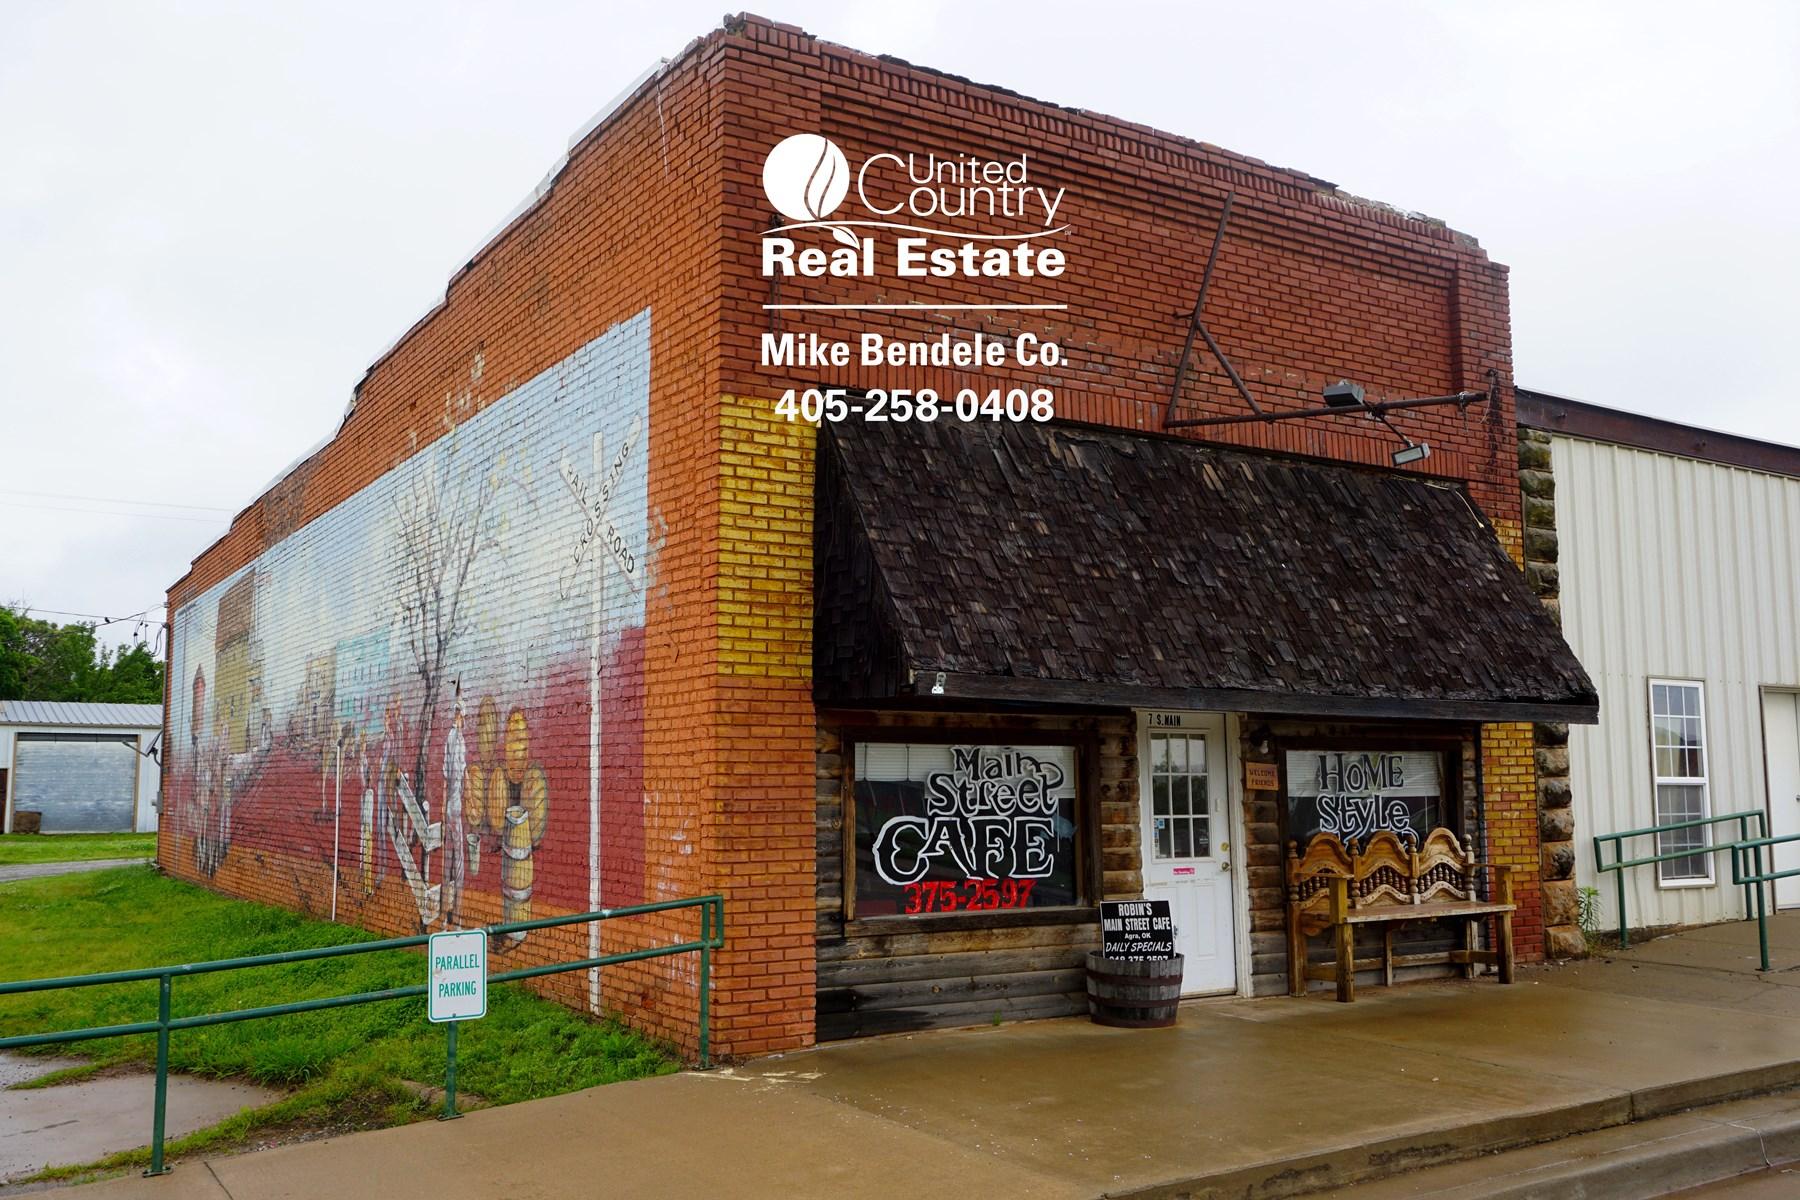 Central Oklahoma Main Street Restaurant For Sale, Agra, OK